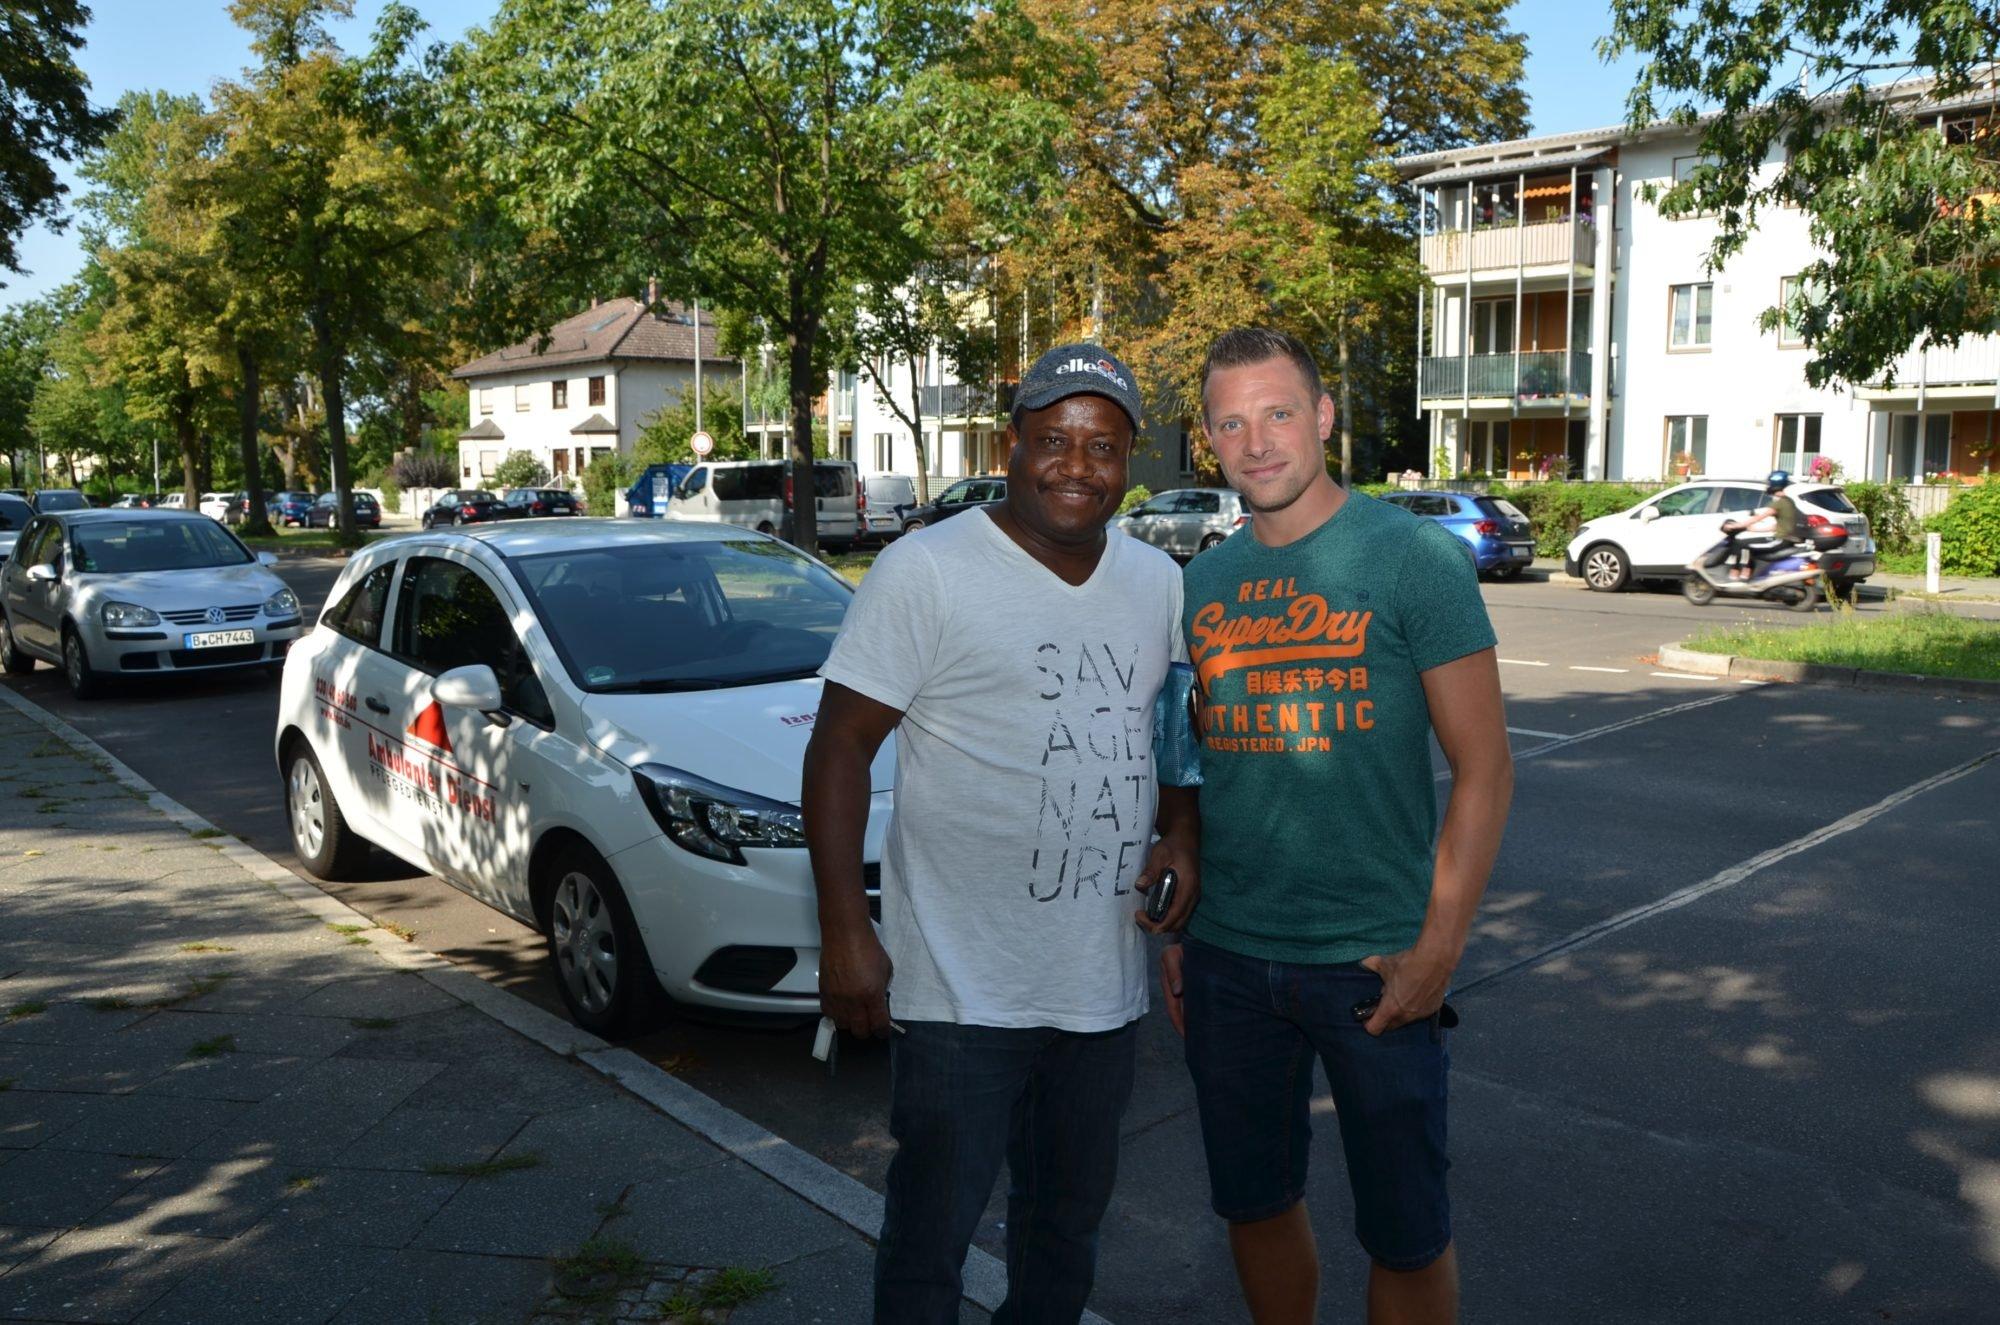 Marco und sein Kollege John posieren auf der Straße gemeinsam für ein Foto.